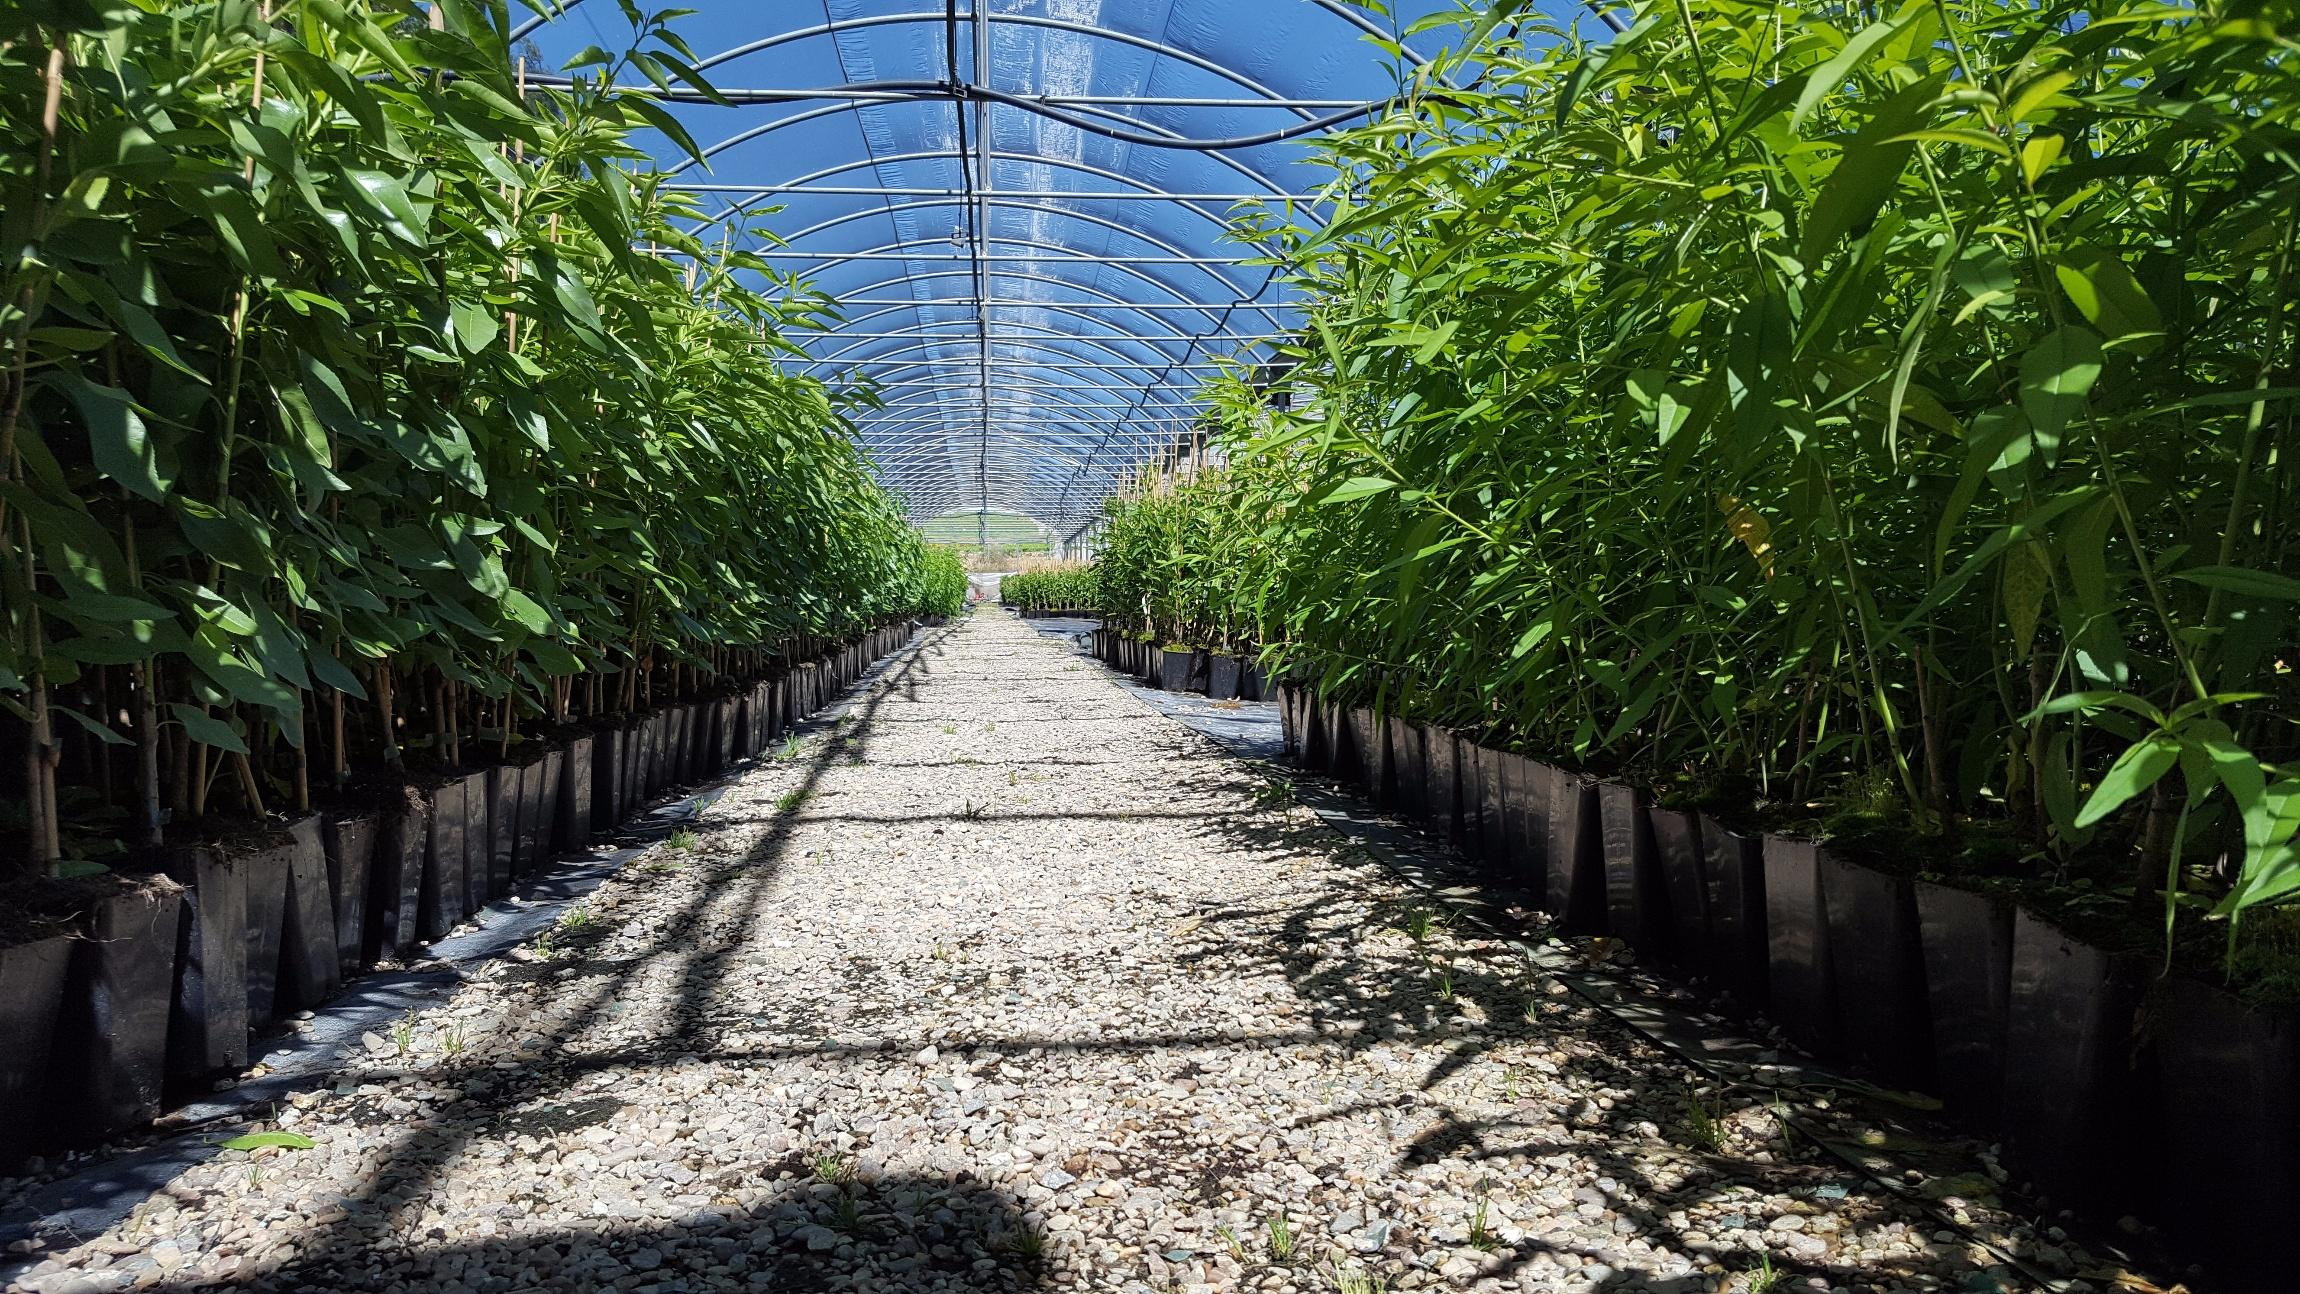 Vivero arnal un vivero con especializacion en arboles for Viveros de arboles frutales en concepcion